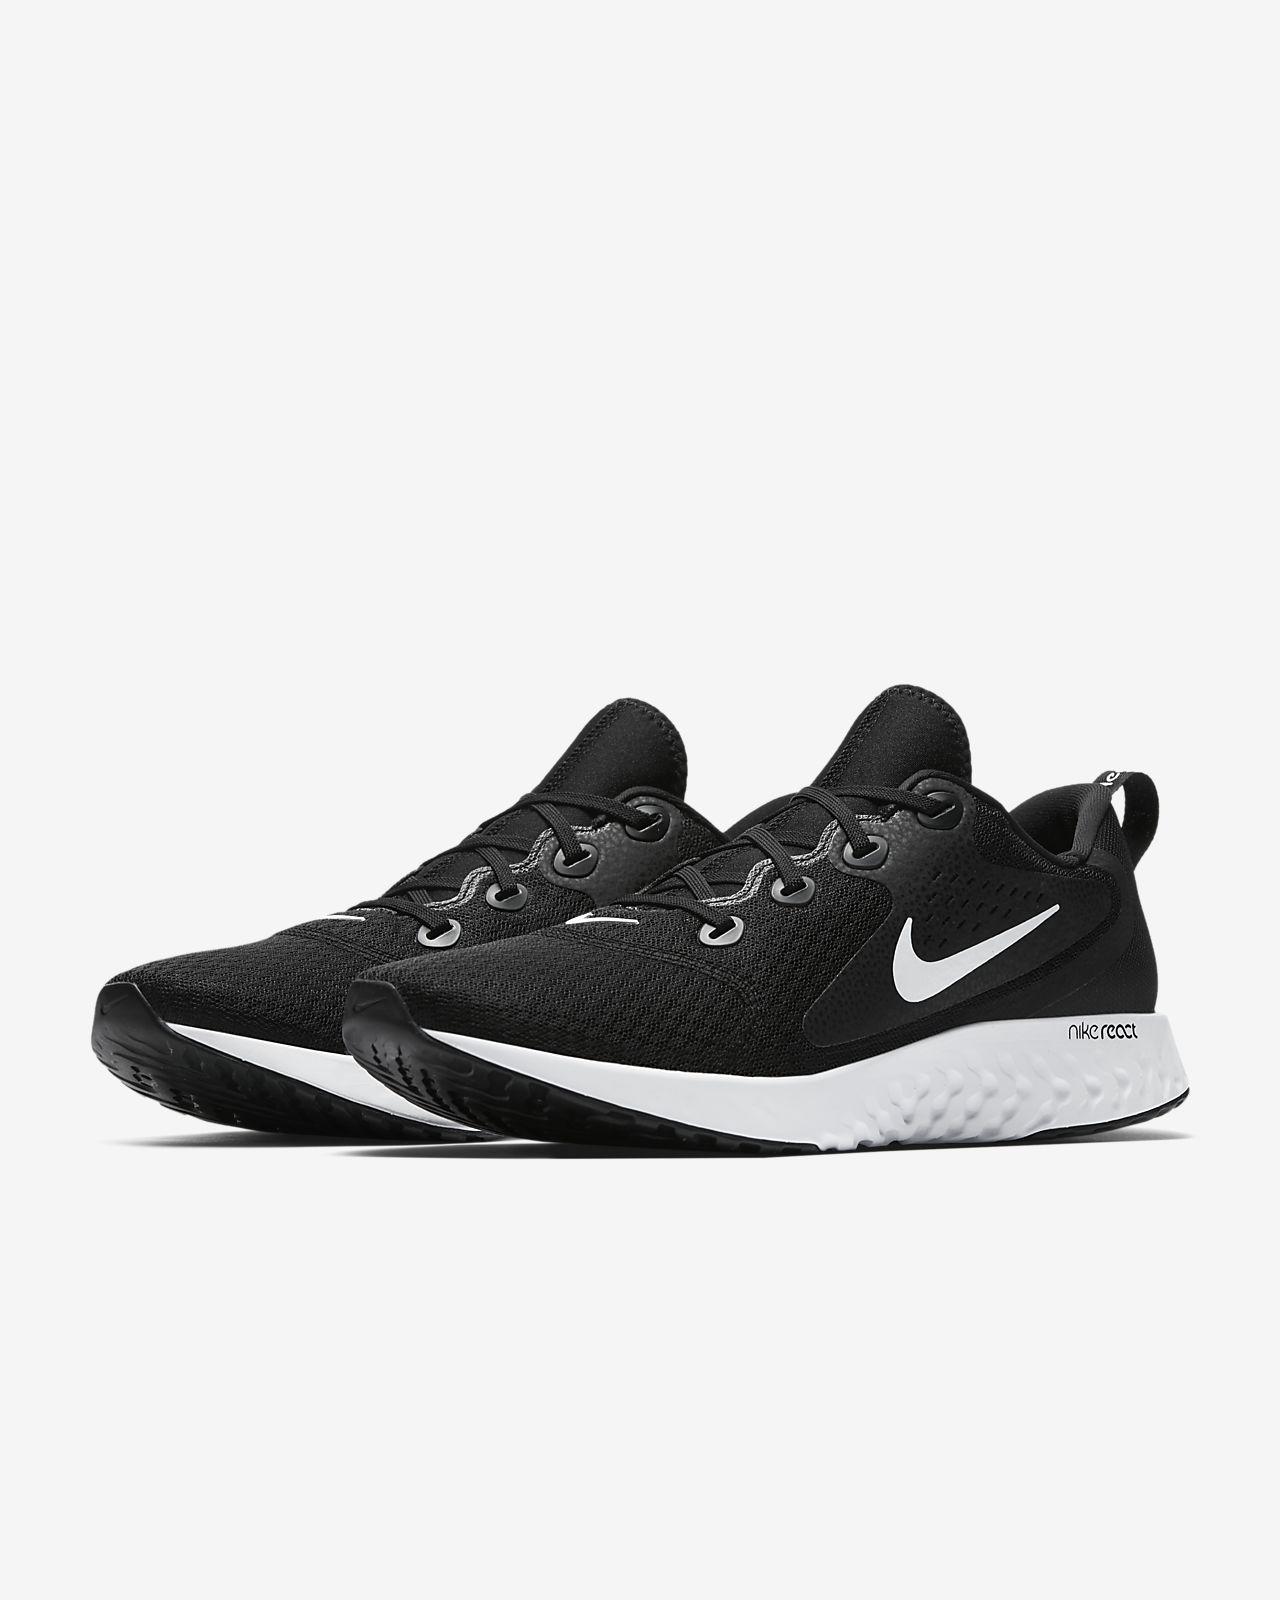 02d13469818 Nike Legend React Men s Running Shoe. Nike.com CA